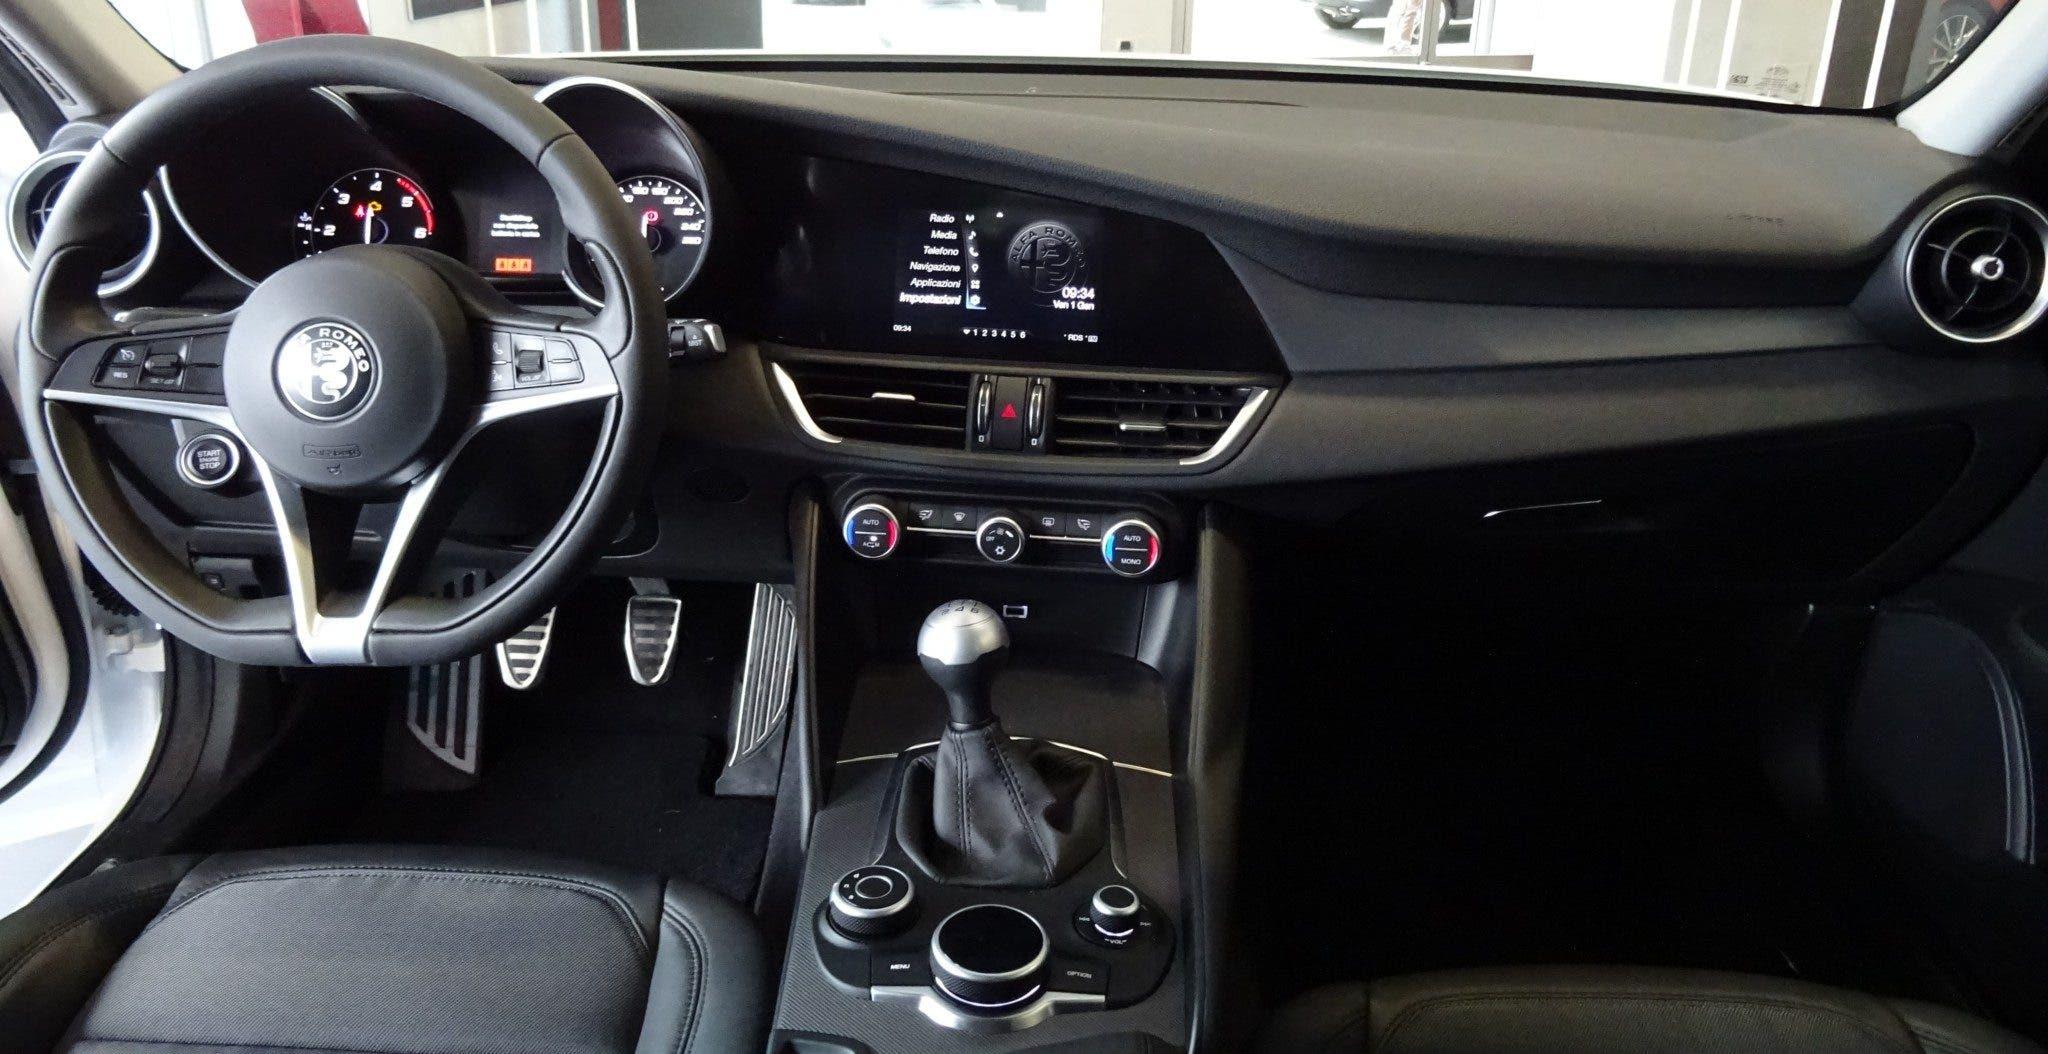 Club Alfa Romeo Giulia interni plancia